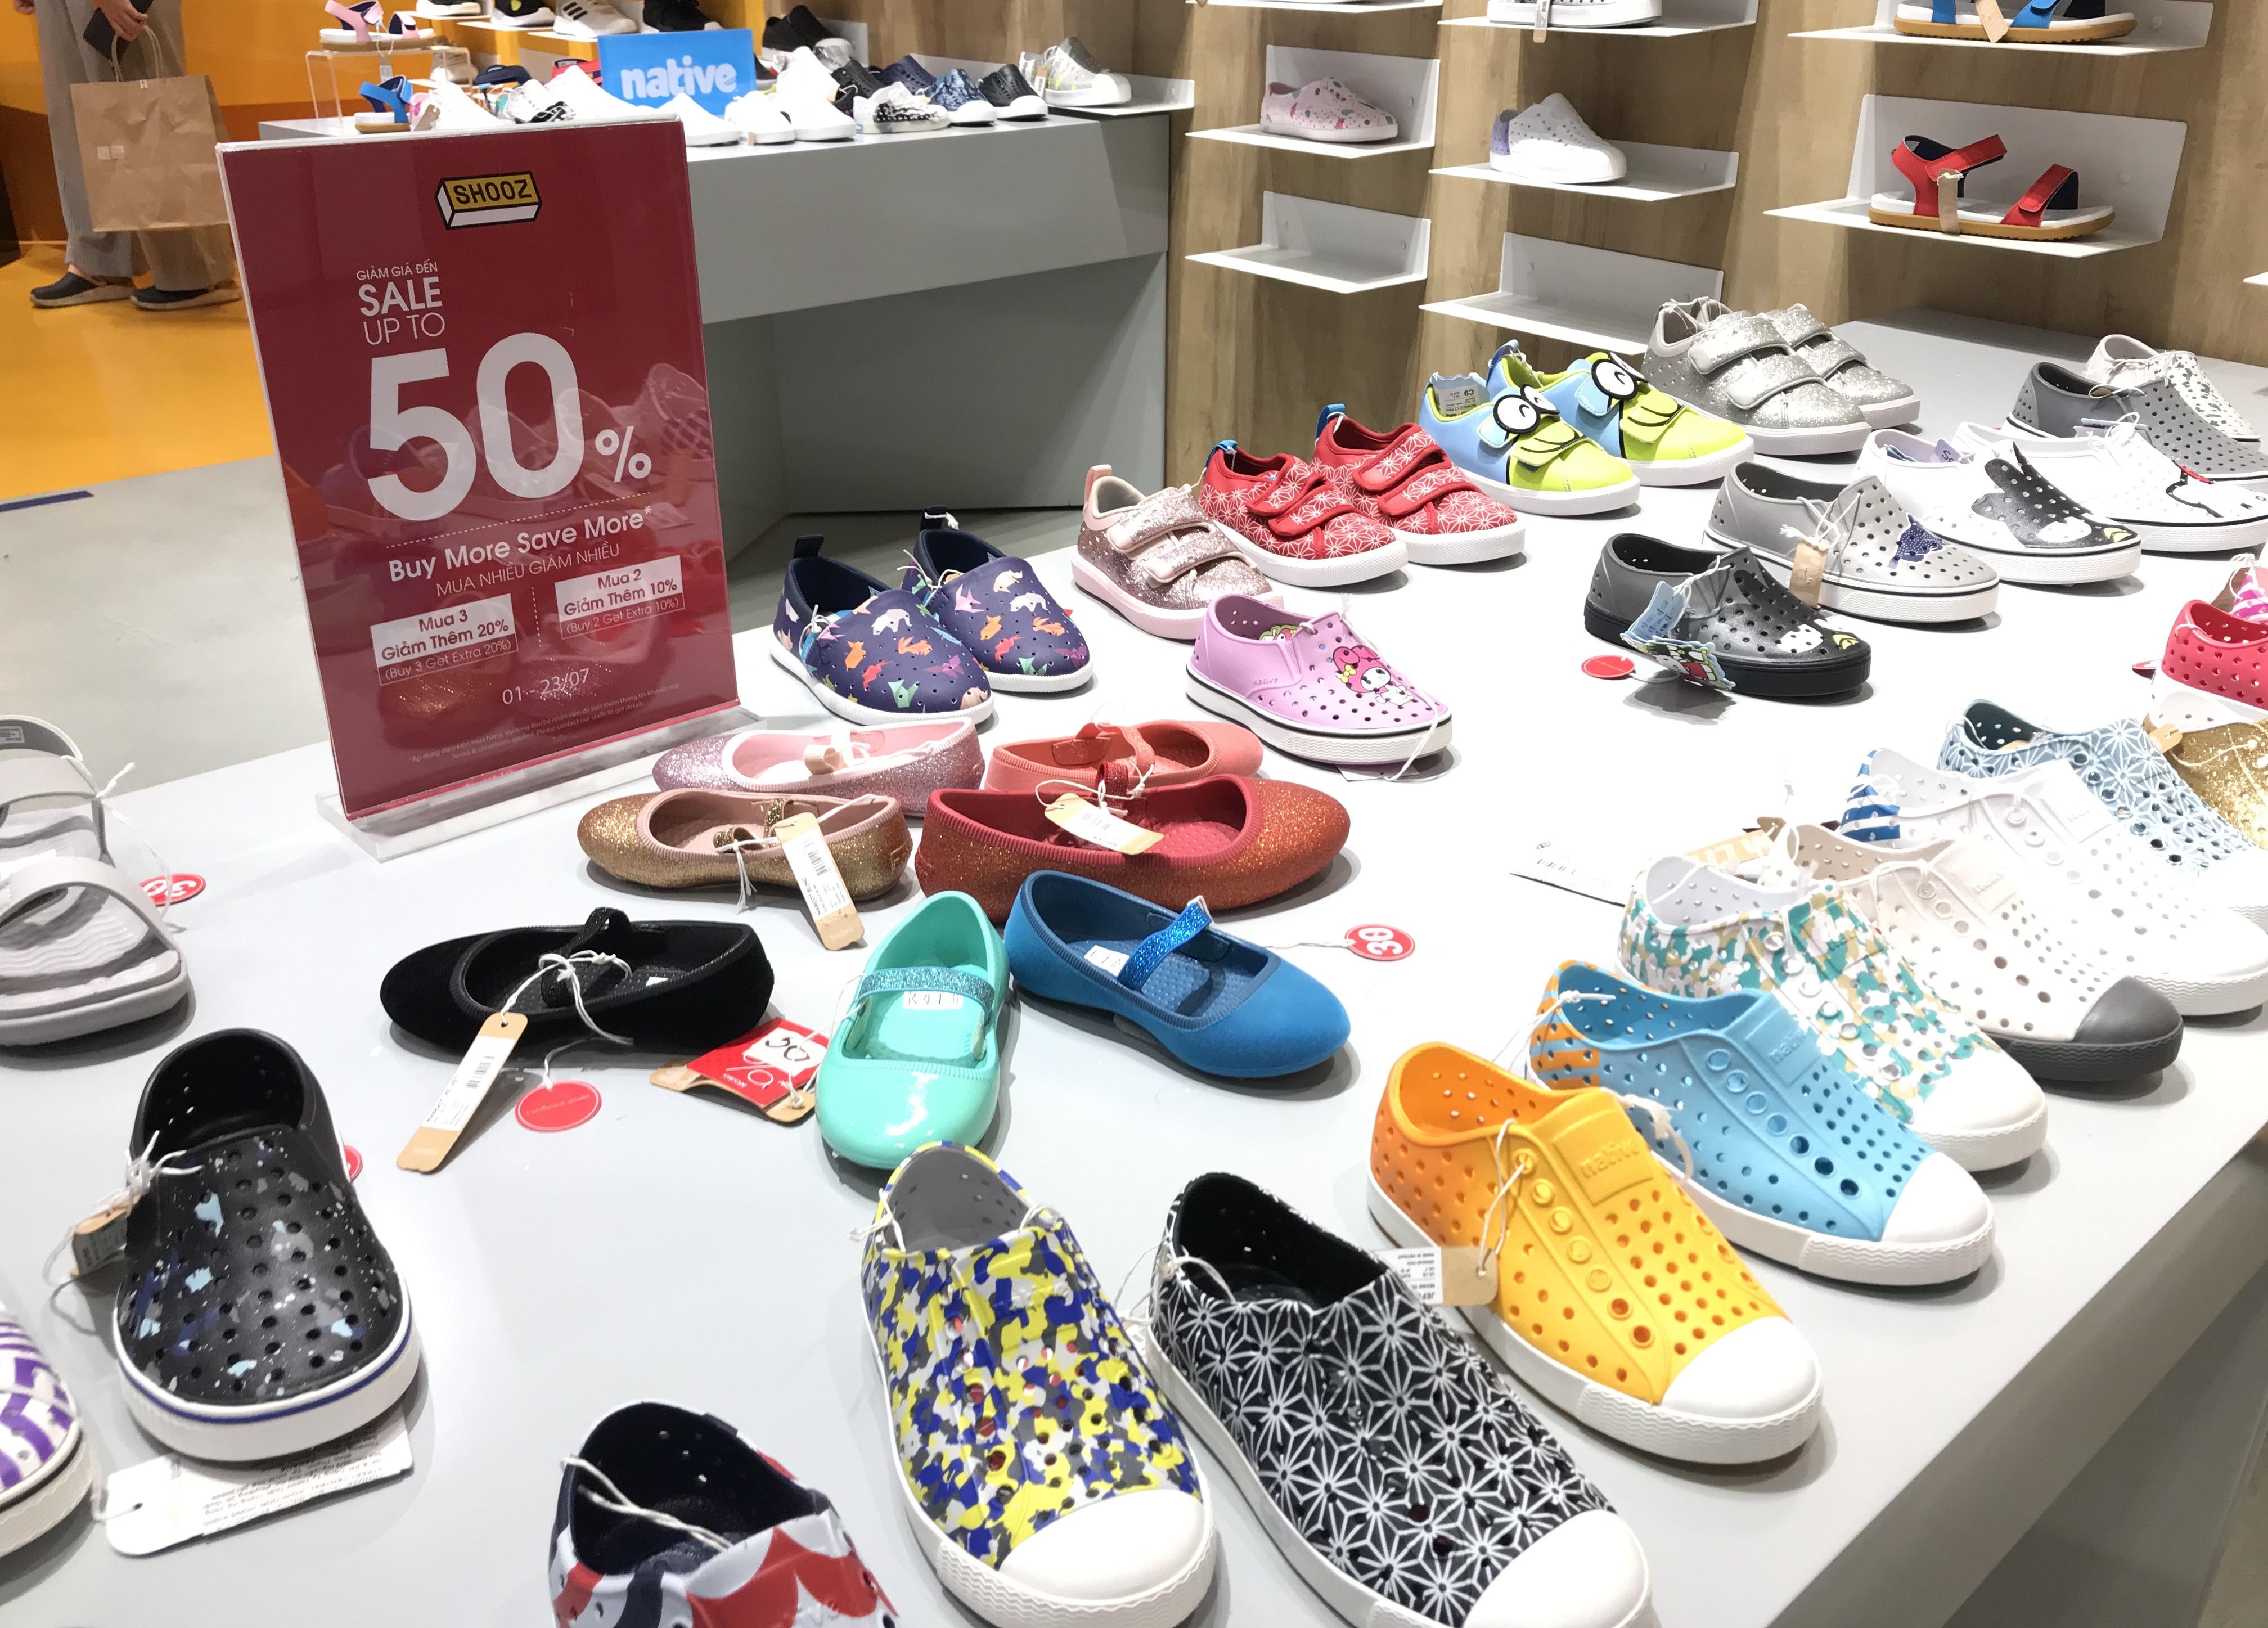 Hàng hiệu lần đầu giảm giá kịch trần lên 100%, người Sài Gòn đổ xô đi mua sắm hậu COVID-19 - Ảnh 11.